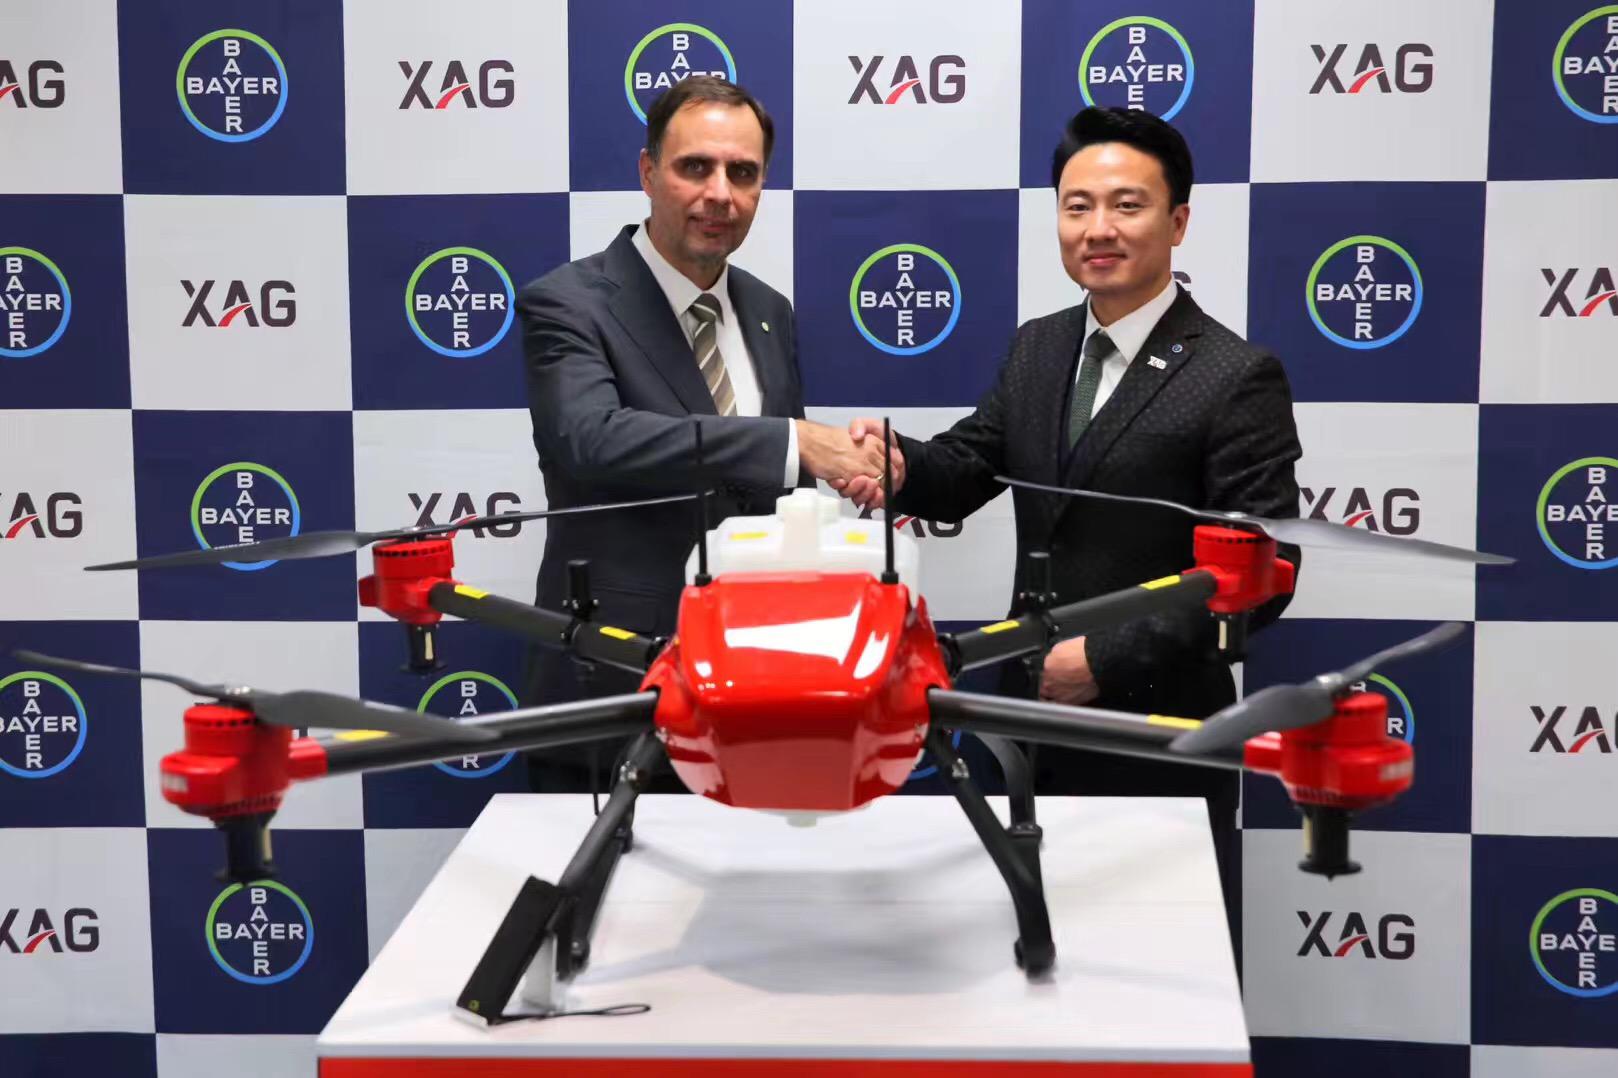 欲抢占日本农业无人机市场 极飞科技与拜耳战略合作